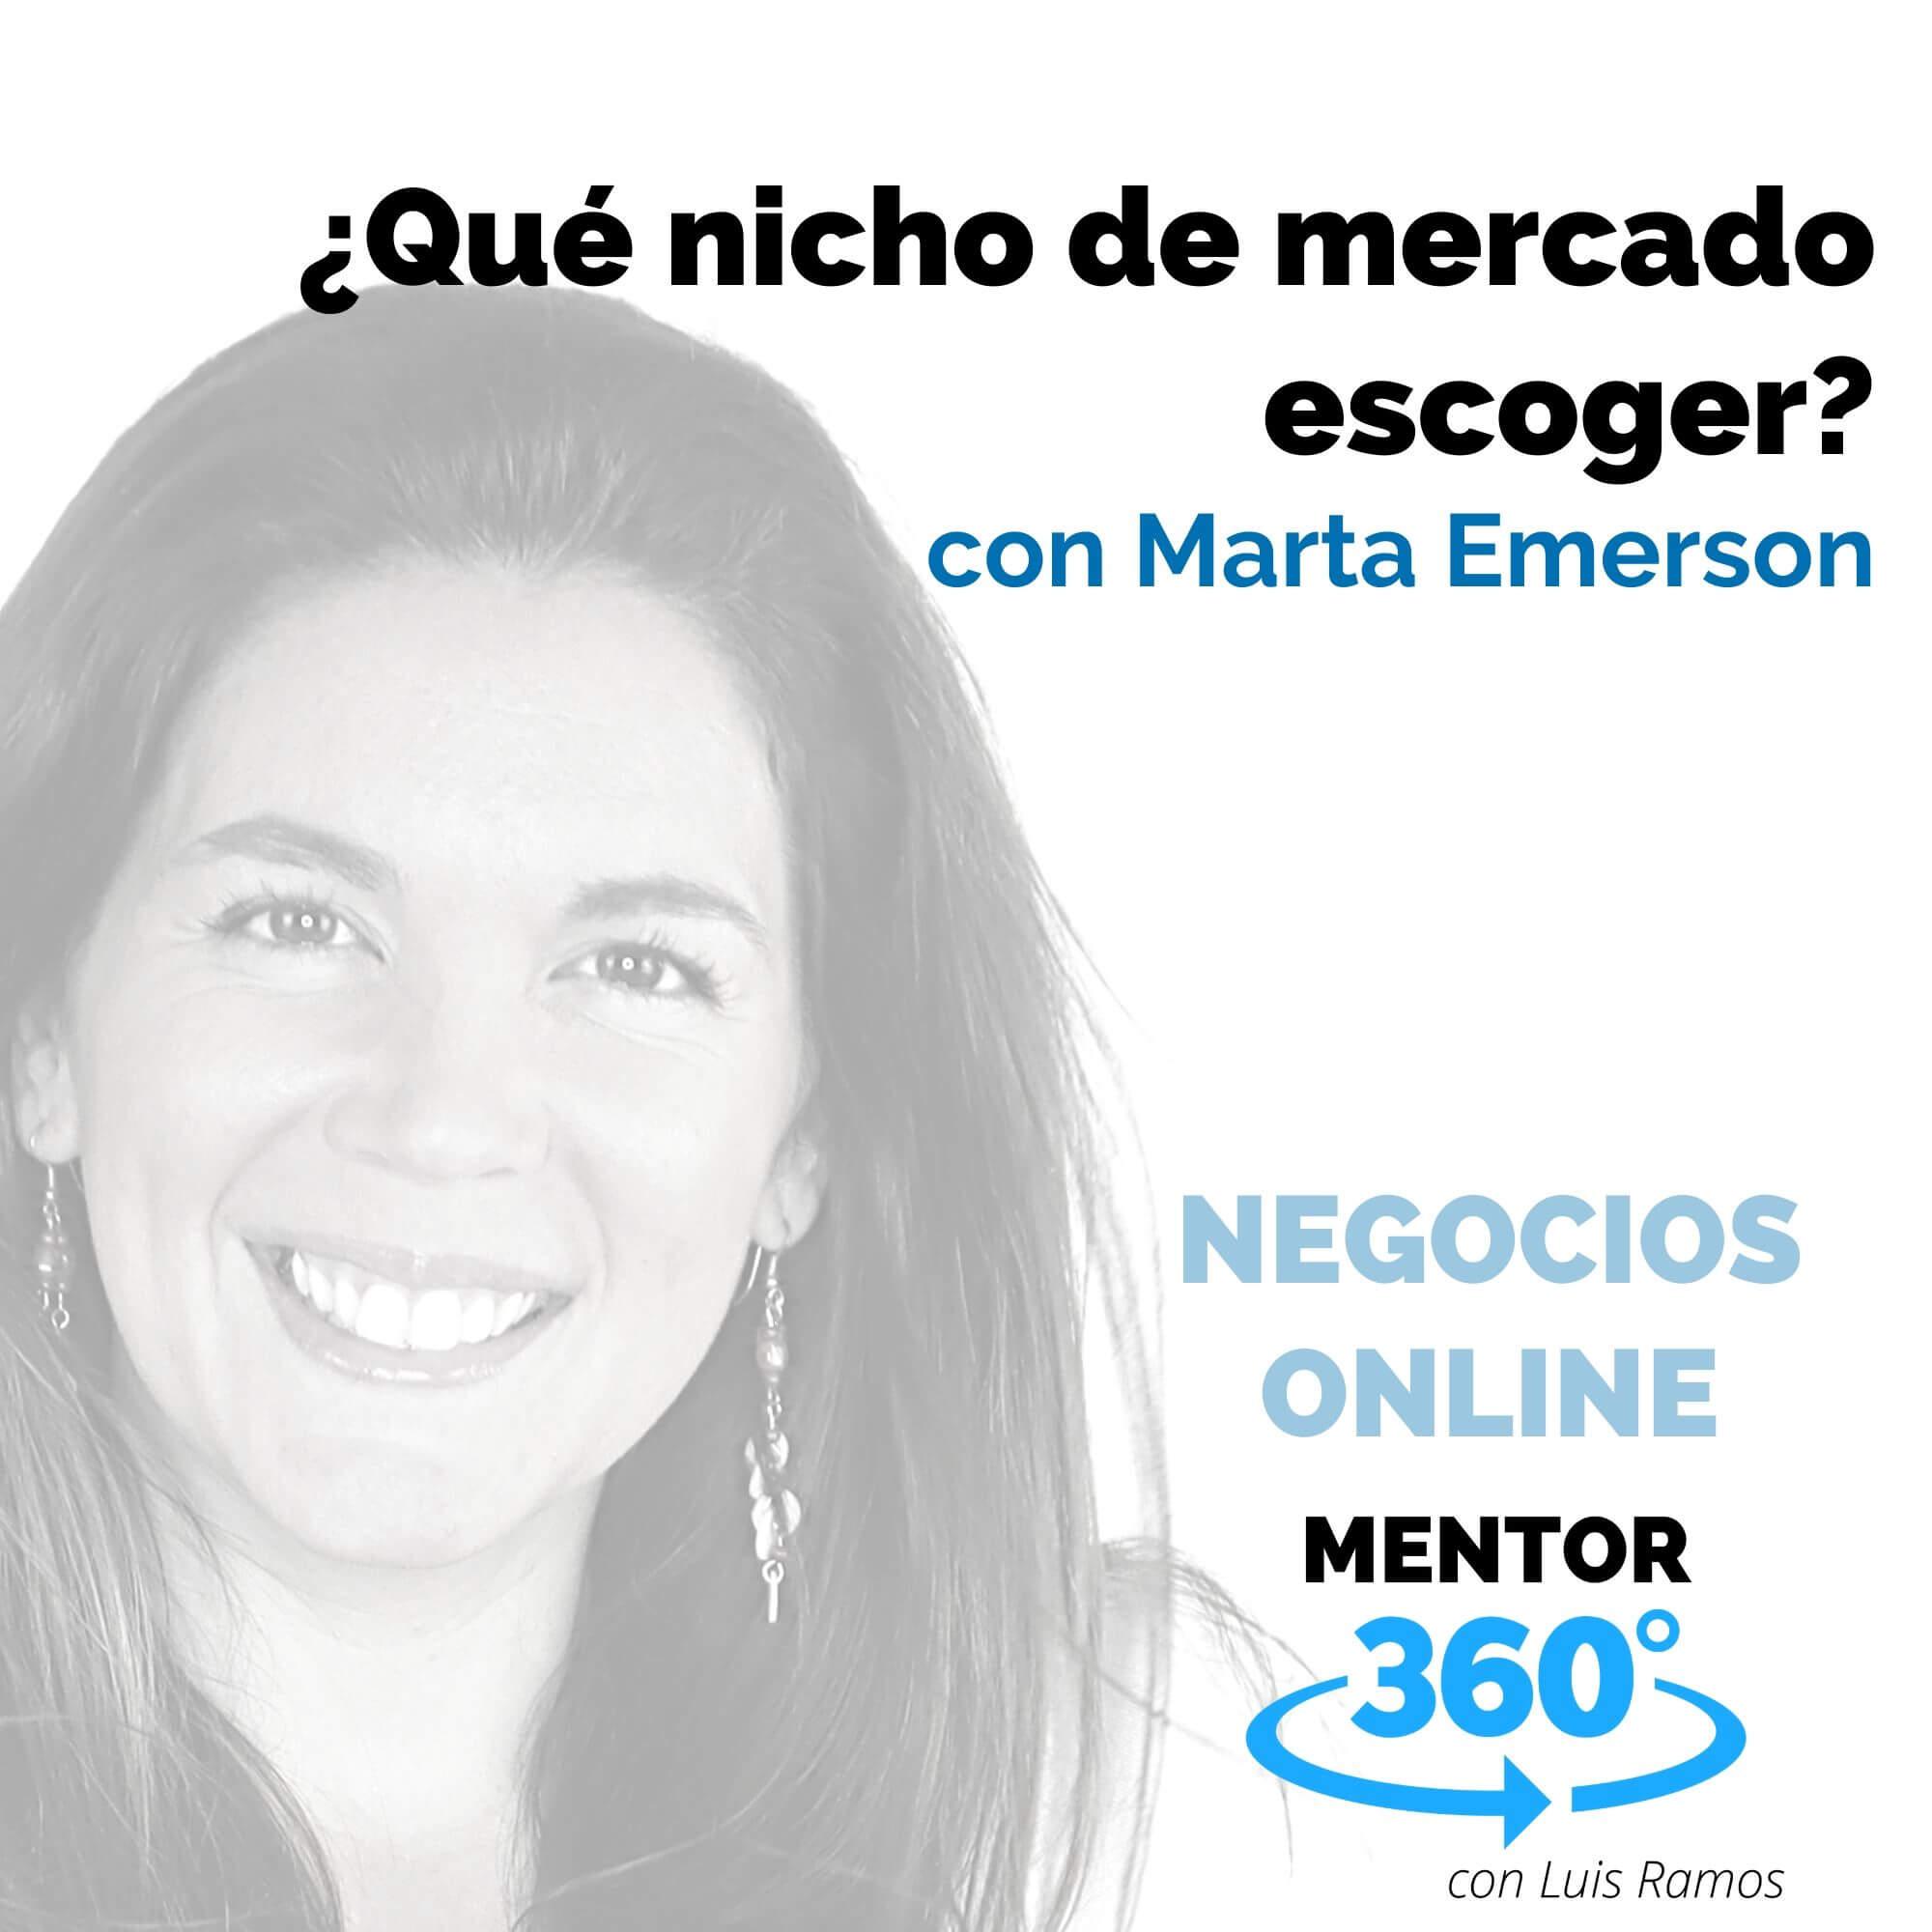 Qué nicho de mercado escoger, con Marta Emerson - NEGOCIOS ONLINE